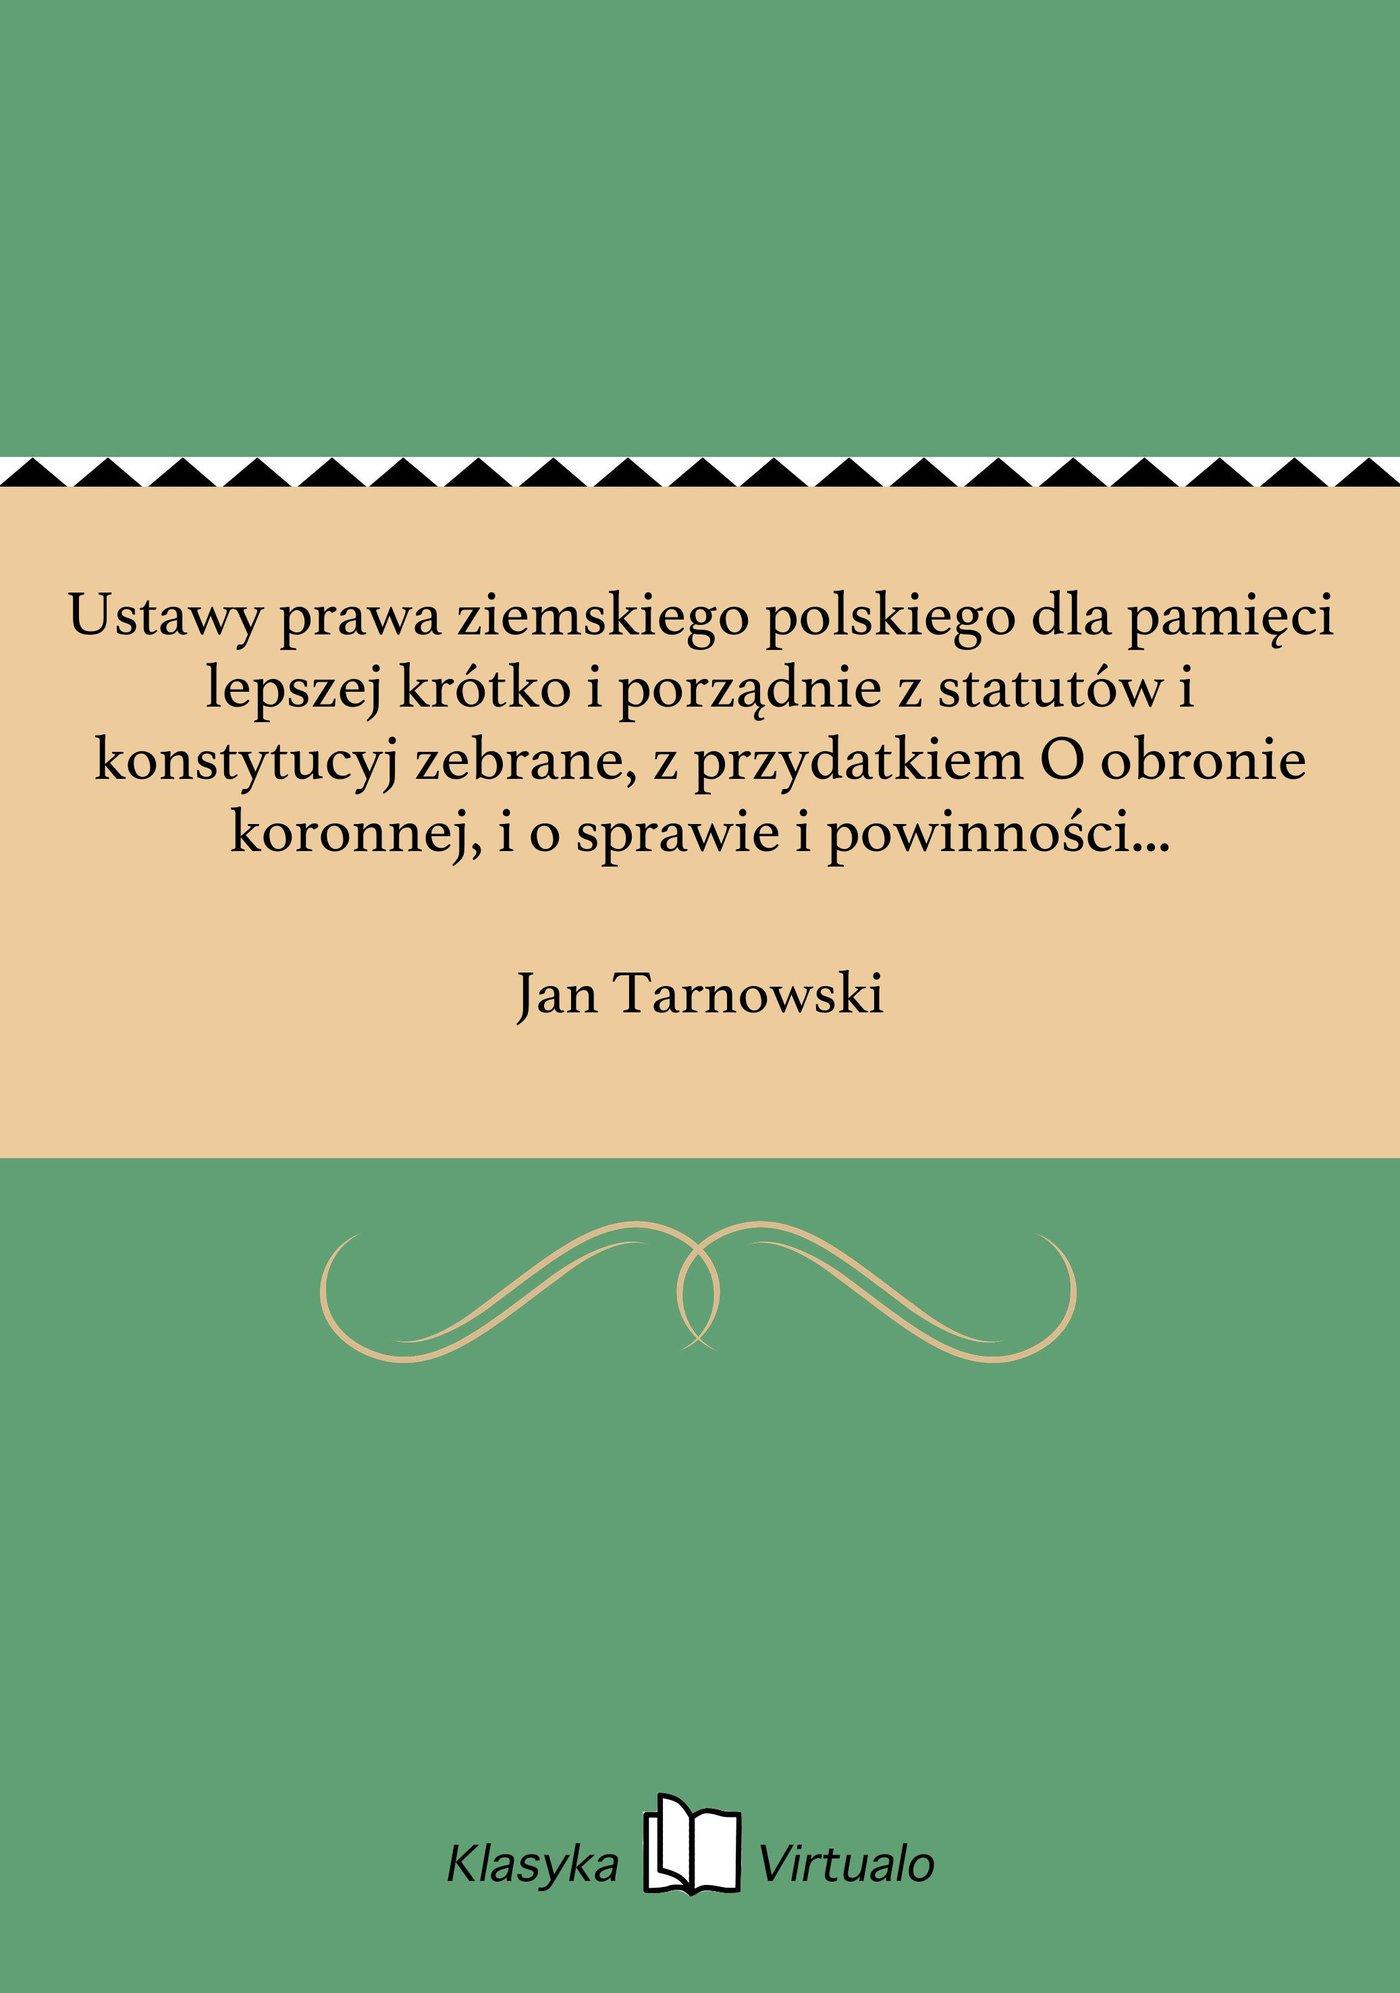 Ustawy prawa ziemskiego polskiego dla pamięci lepszej krótko i porządnie z statutów i konstytucyj zebrane, z przydatkiem O obronie koronnej, i o sprawie i powinności urzędników wojennych - Ebook (Książka na Kindle) do pobrania w formacie MOBI